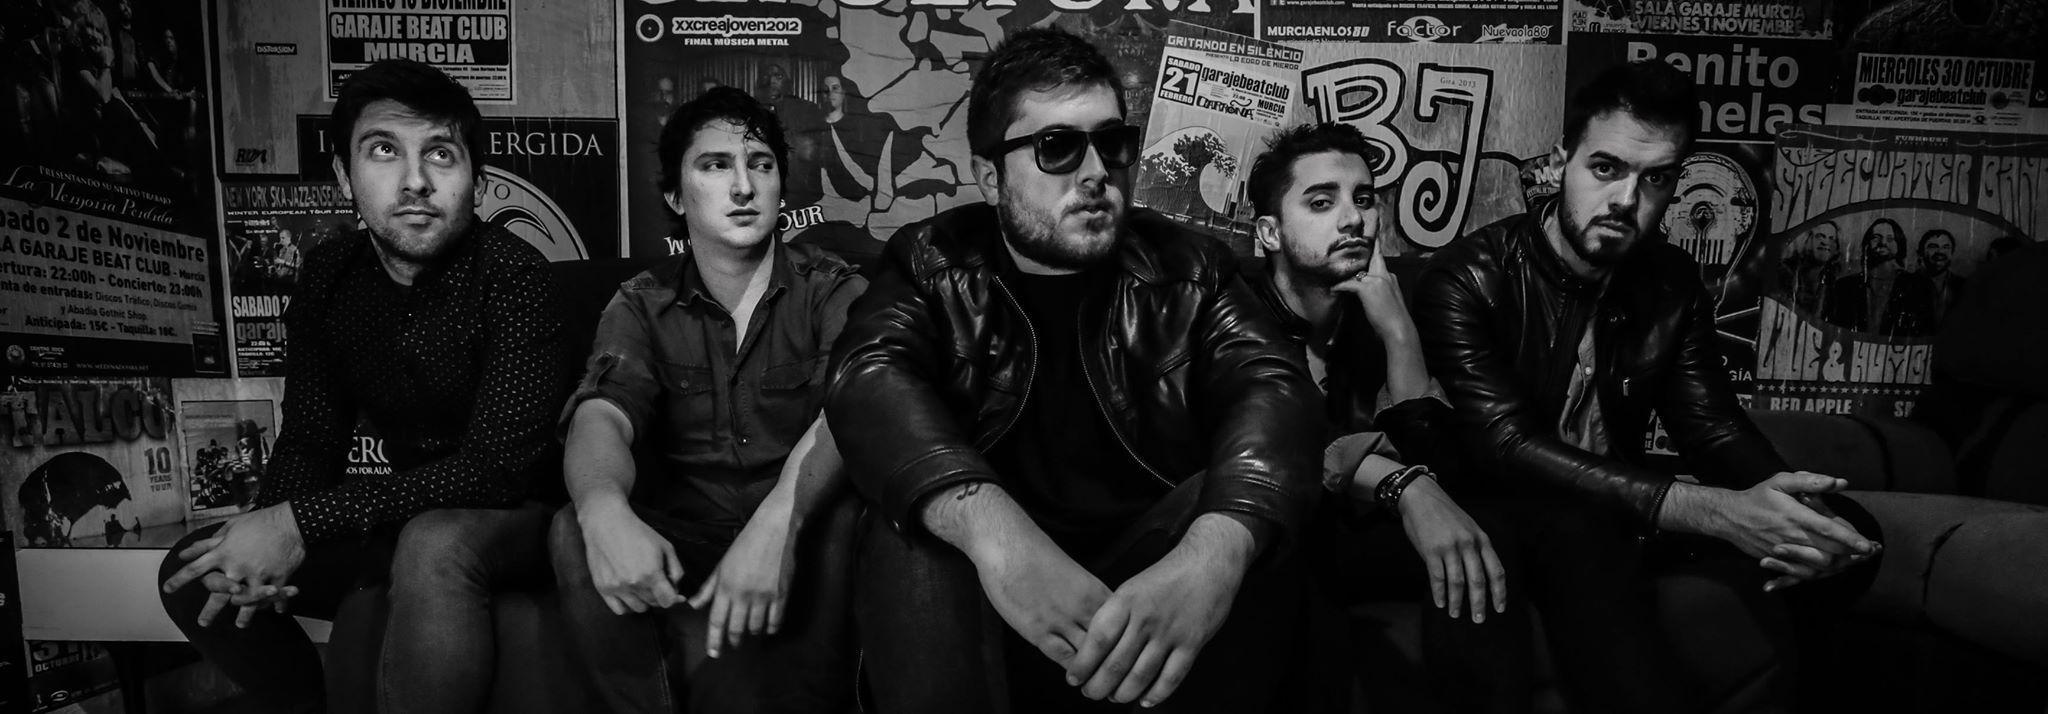 The Purple Elephants libera 'El Halcón', videosingle adelanto de su primer disco